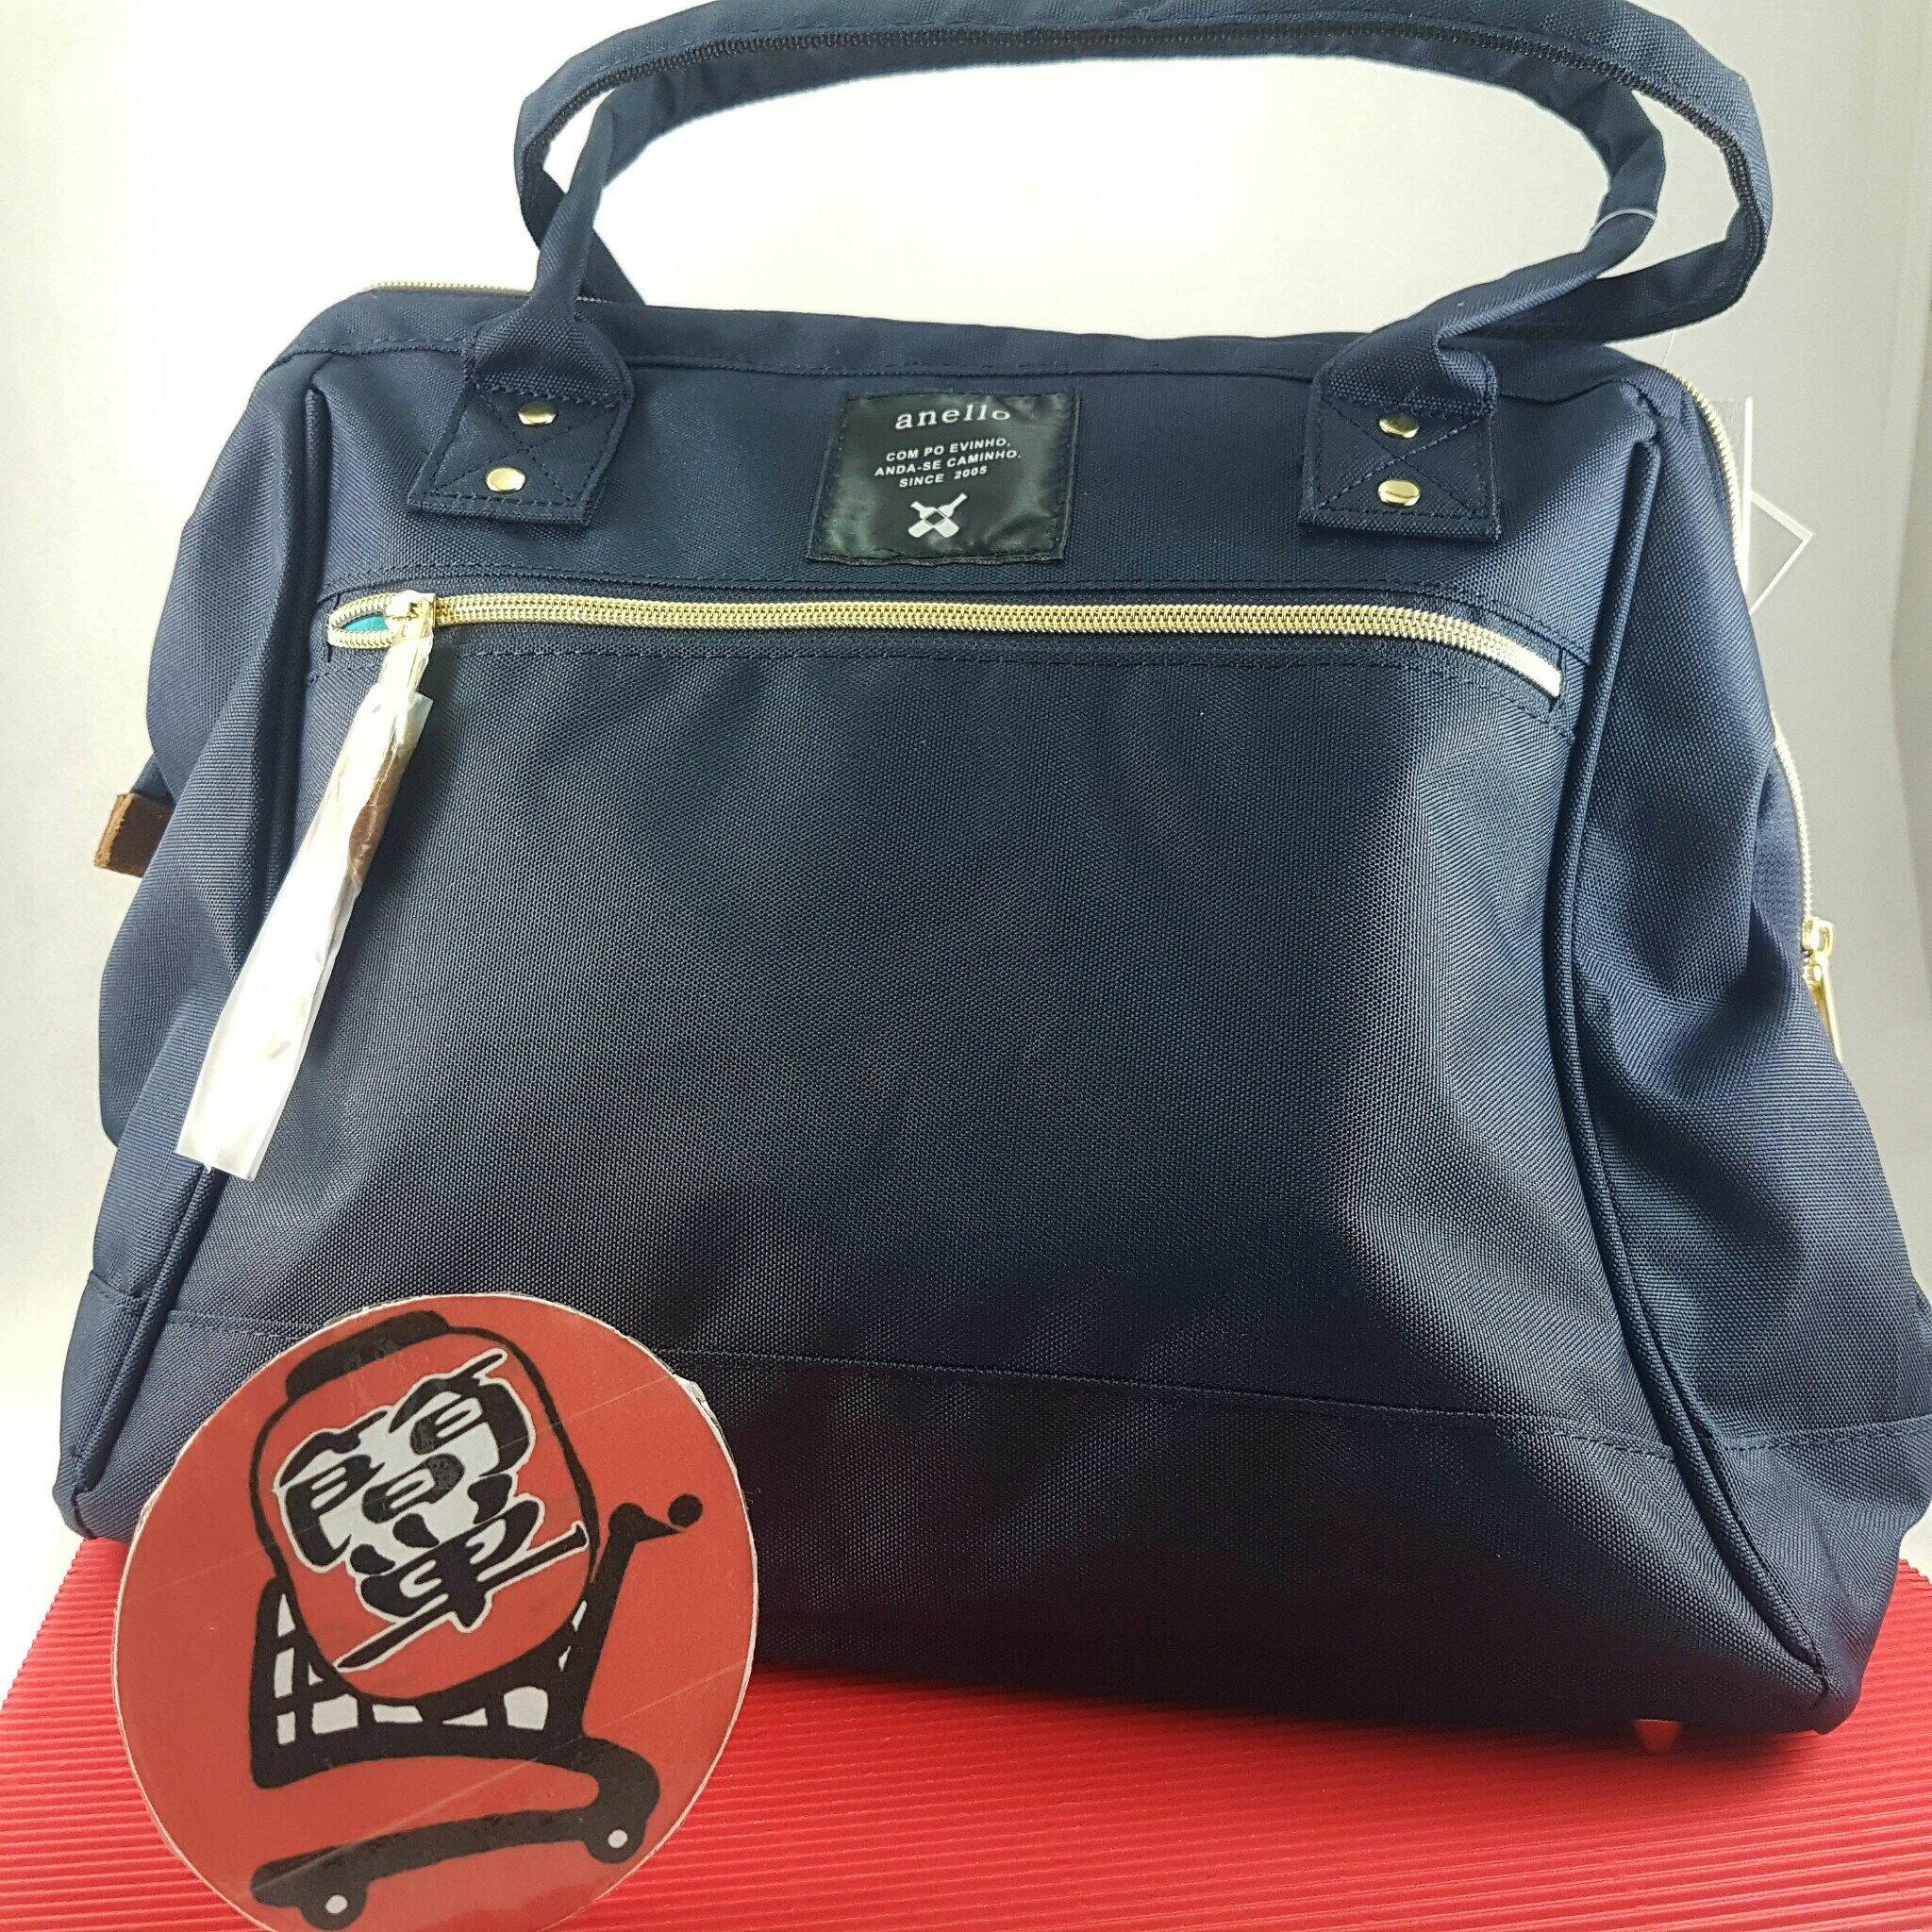 『簡単全球購』大尺寸波特包-深藍 anello 新款 皮質大開口後背包 皮製2WAY手提包超便利寬口包